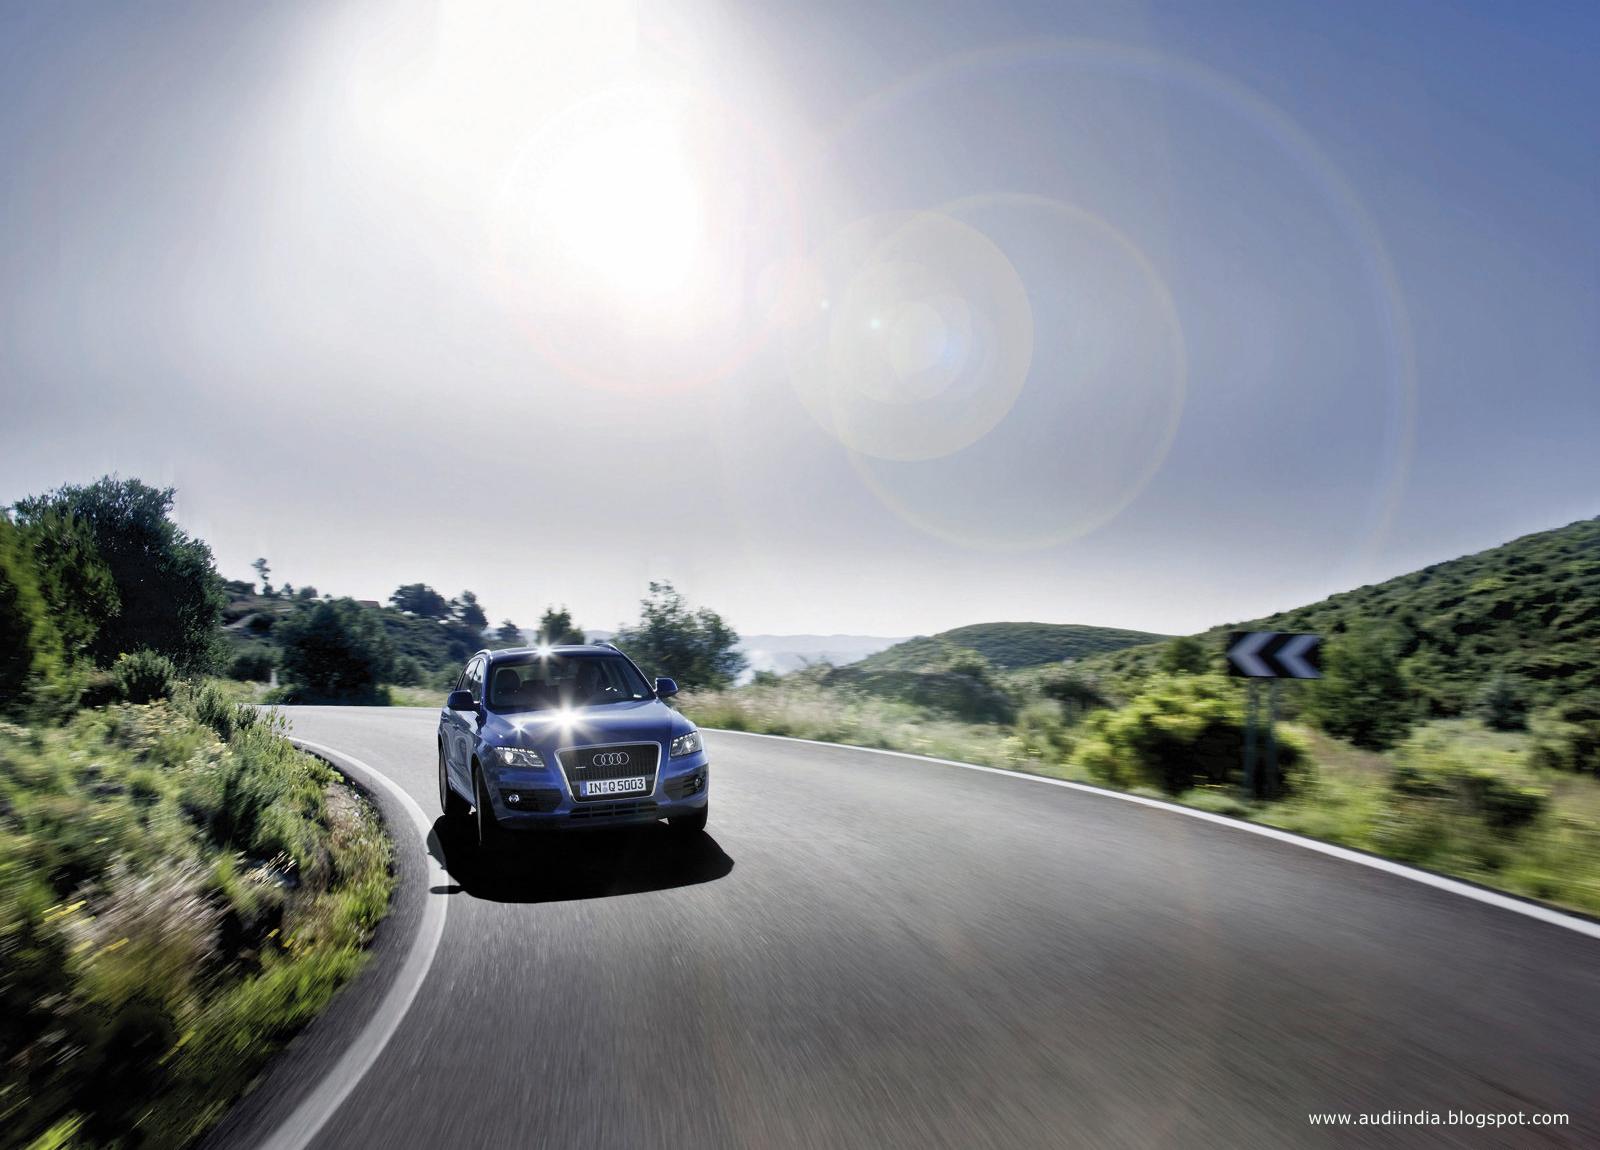 http://1.bp.blogspot.com/-3MhkCgCh1JU/Tmg3TP-TRcI/AAAAAAAABKQ/bIlv9OkSTXc/s1600/Audi-Q5_2009_1600x1200_wallpaper_1e+copy.jpg